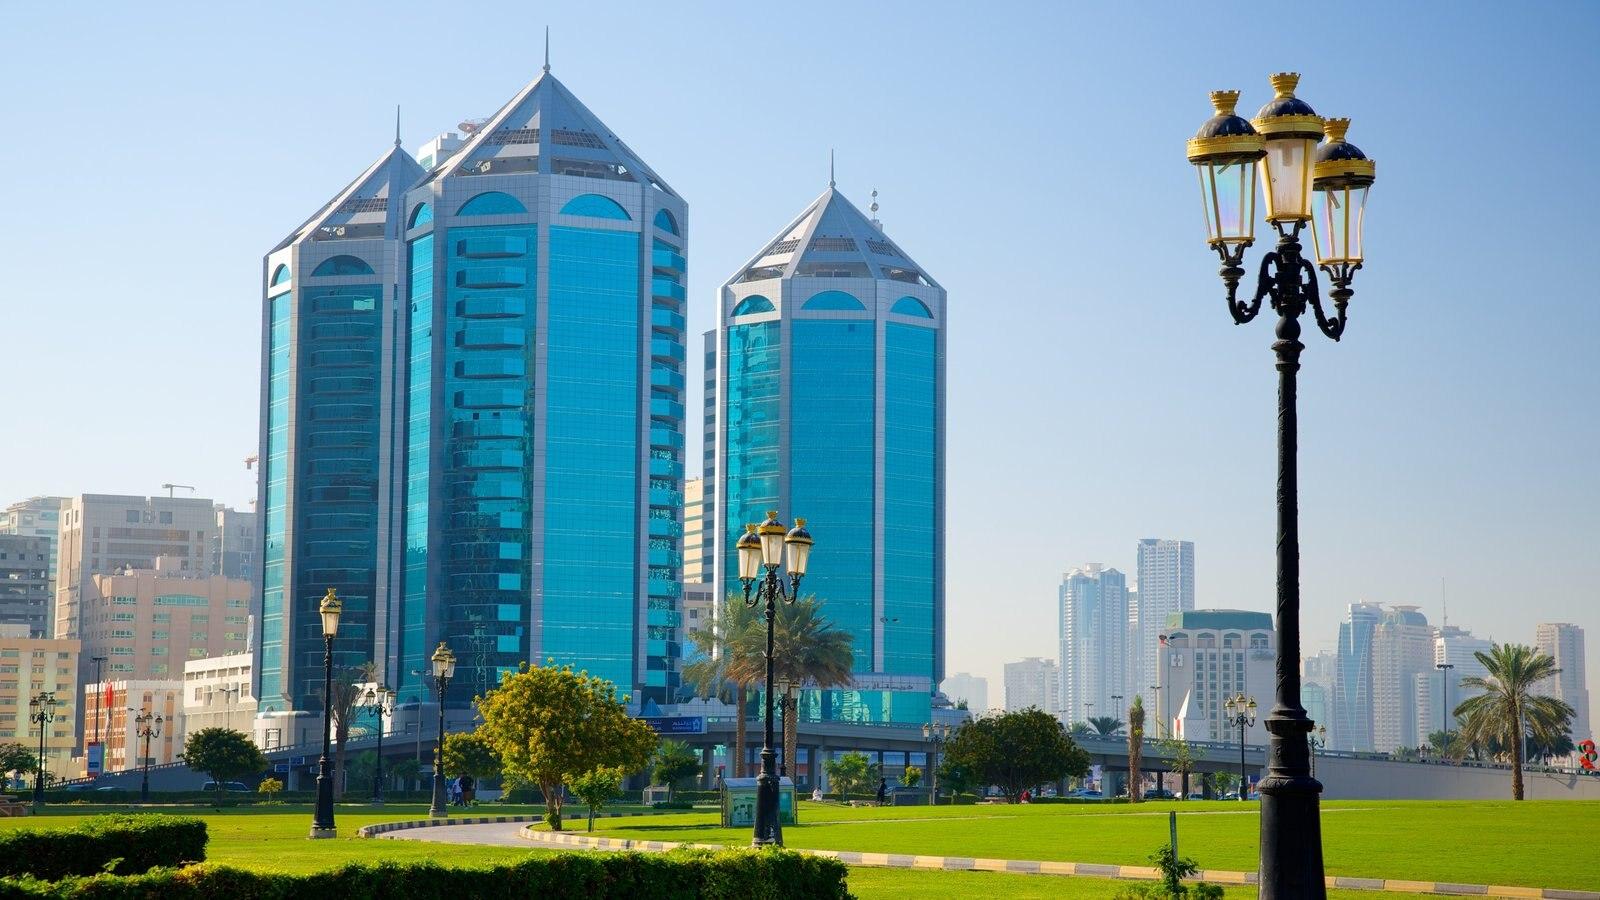 Sharjah que incluye un rascacielos, una ciudad y arquitectura moderna